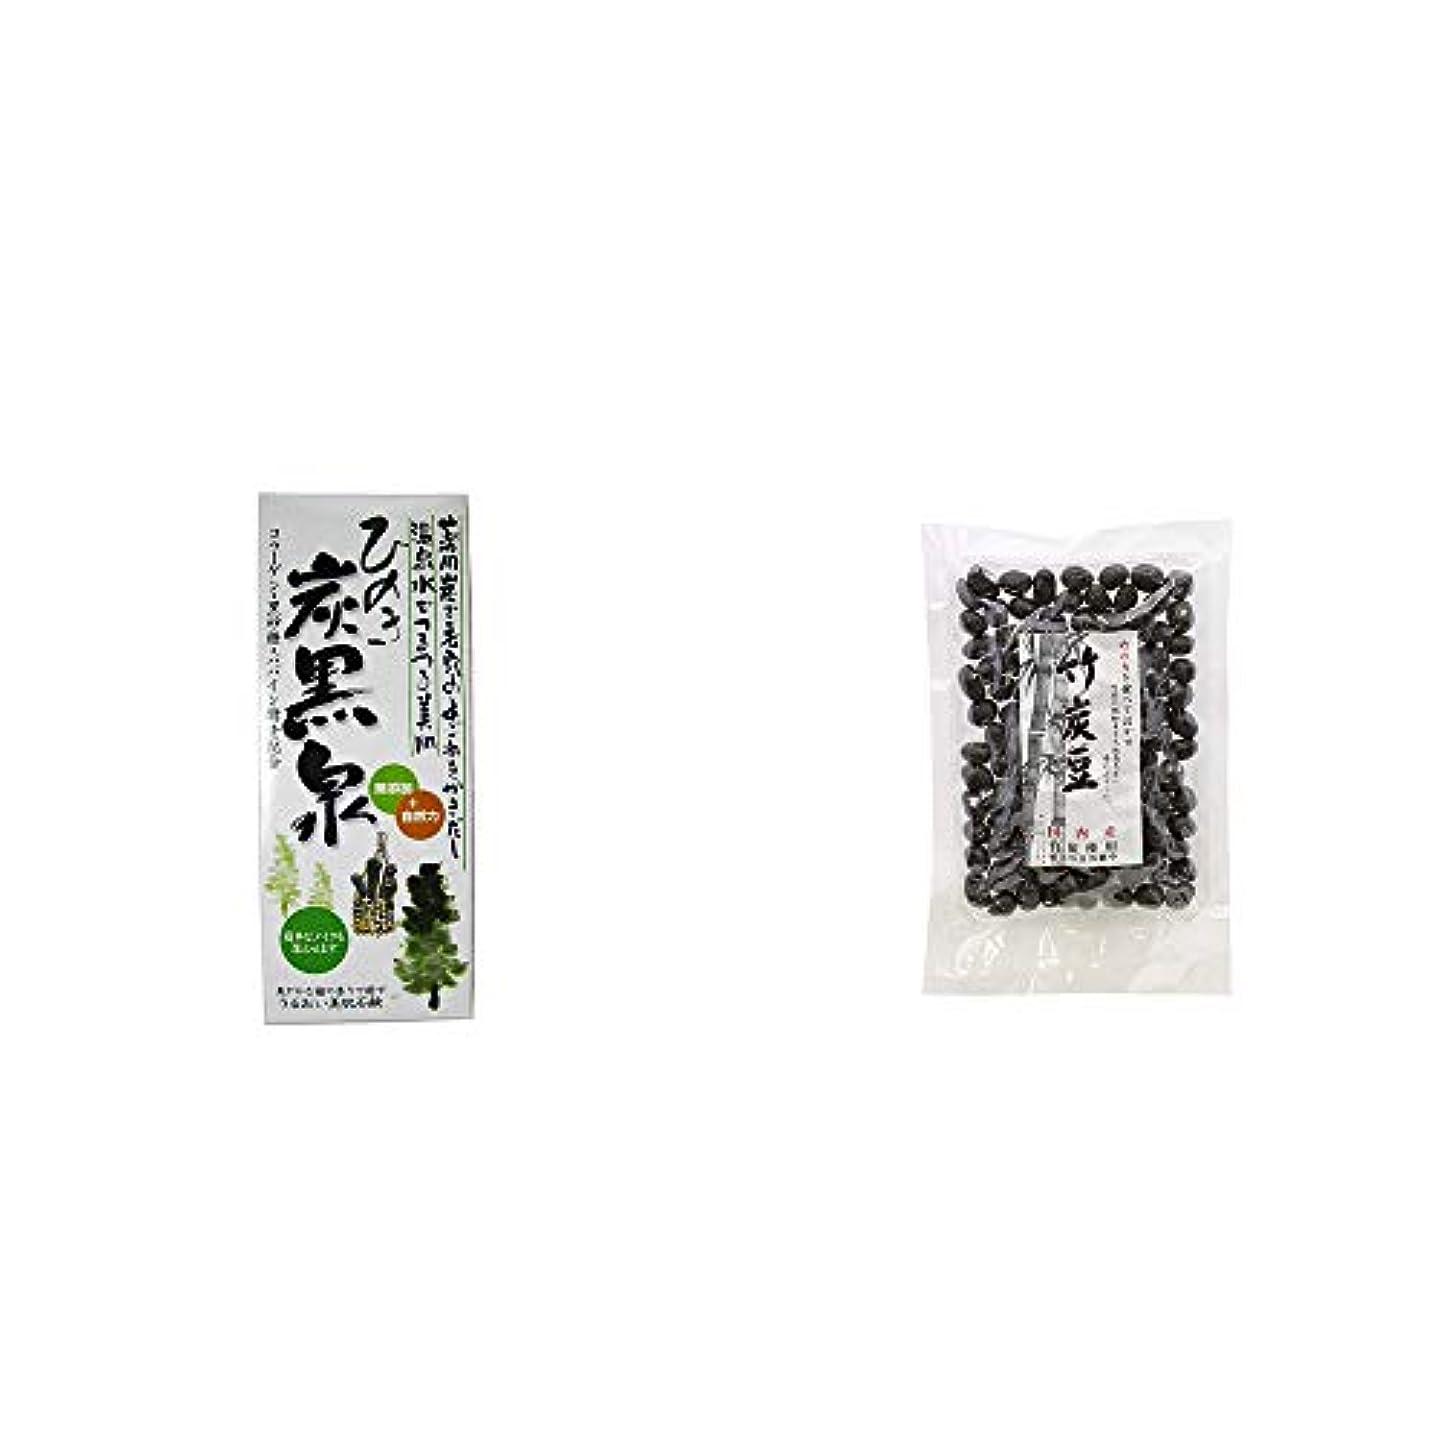 十分ほとんどないディンカルビル[2点セット] ひのき炭黒泉 箱入り(75g×3)?国内産 竹炭使用 竹炭豆(160g)